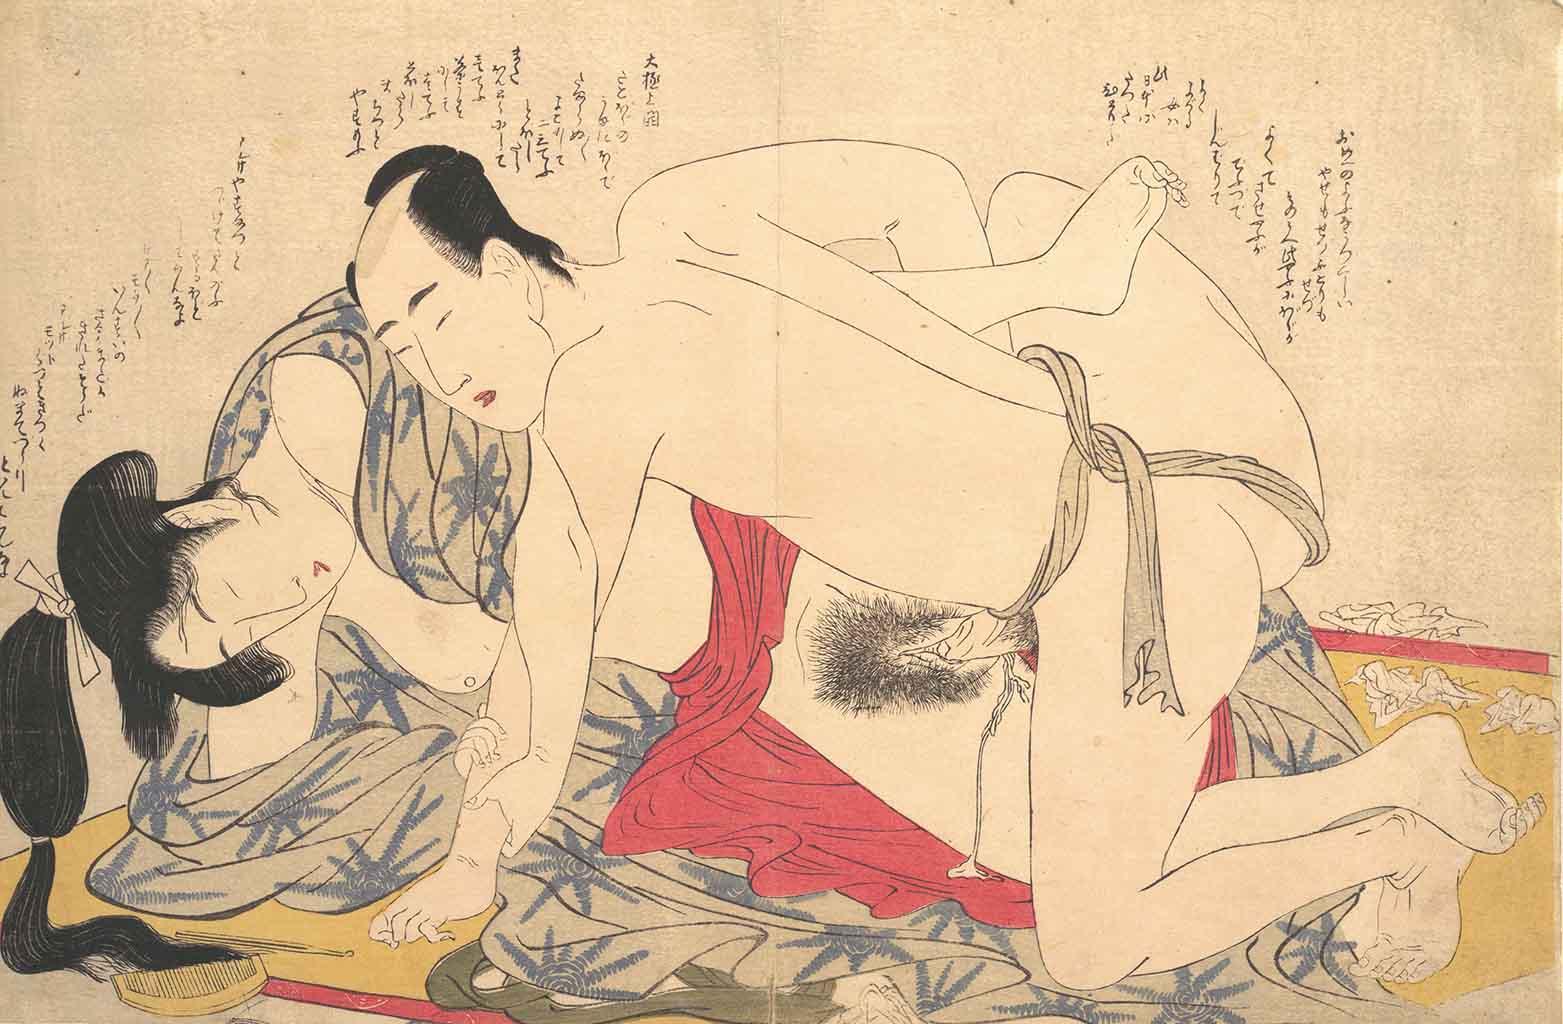 onlayn-yaponiya-seks-kartina-breyut